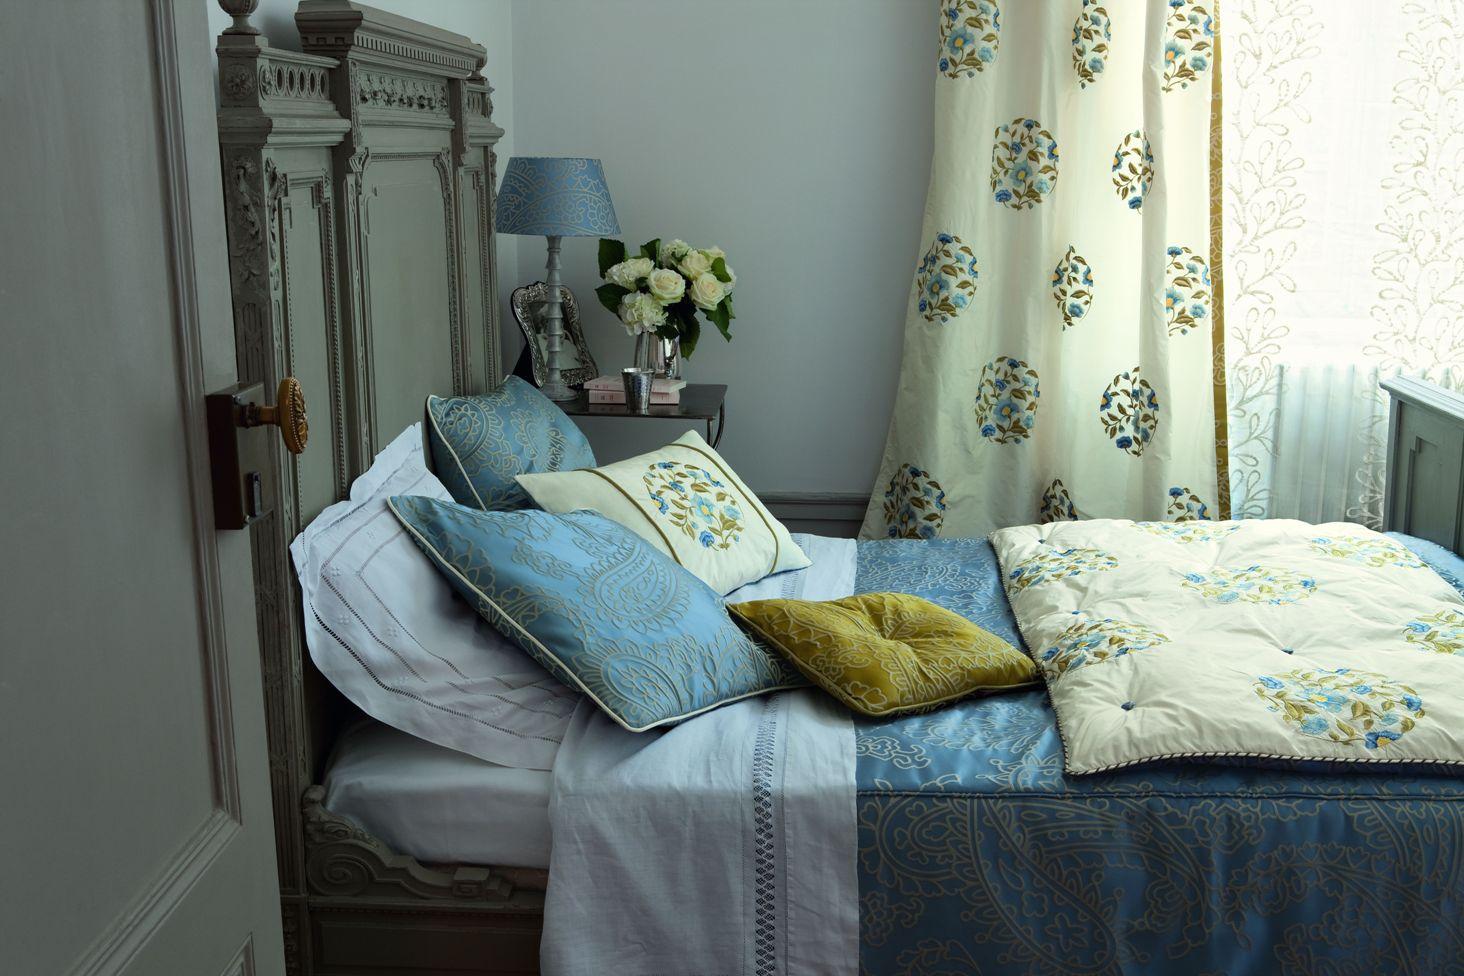 blau und grn sind optimal fr schlafzimmer foto tdxzimmerrohde - Schlafzimmer Blau Grun